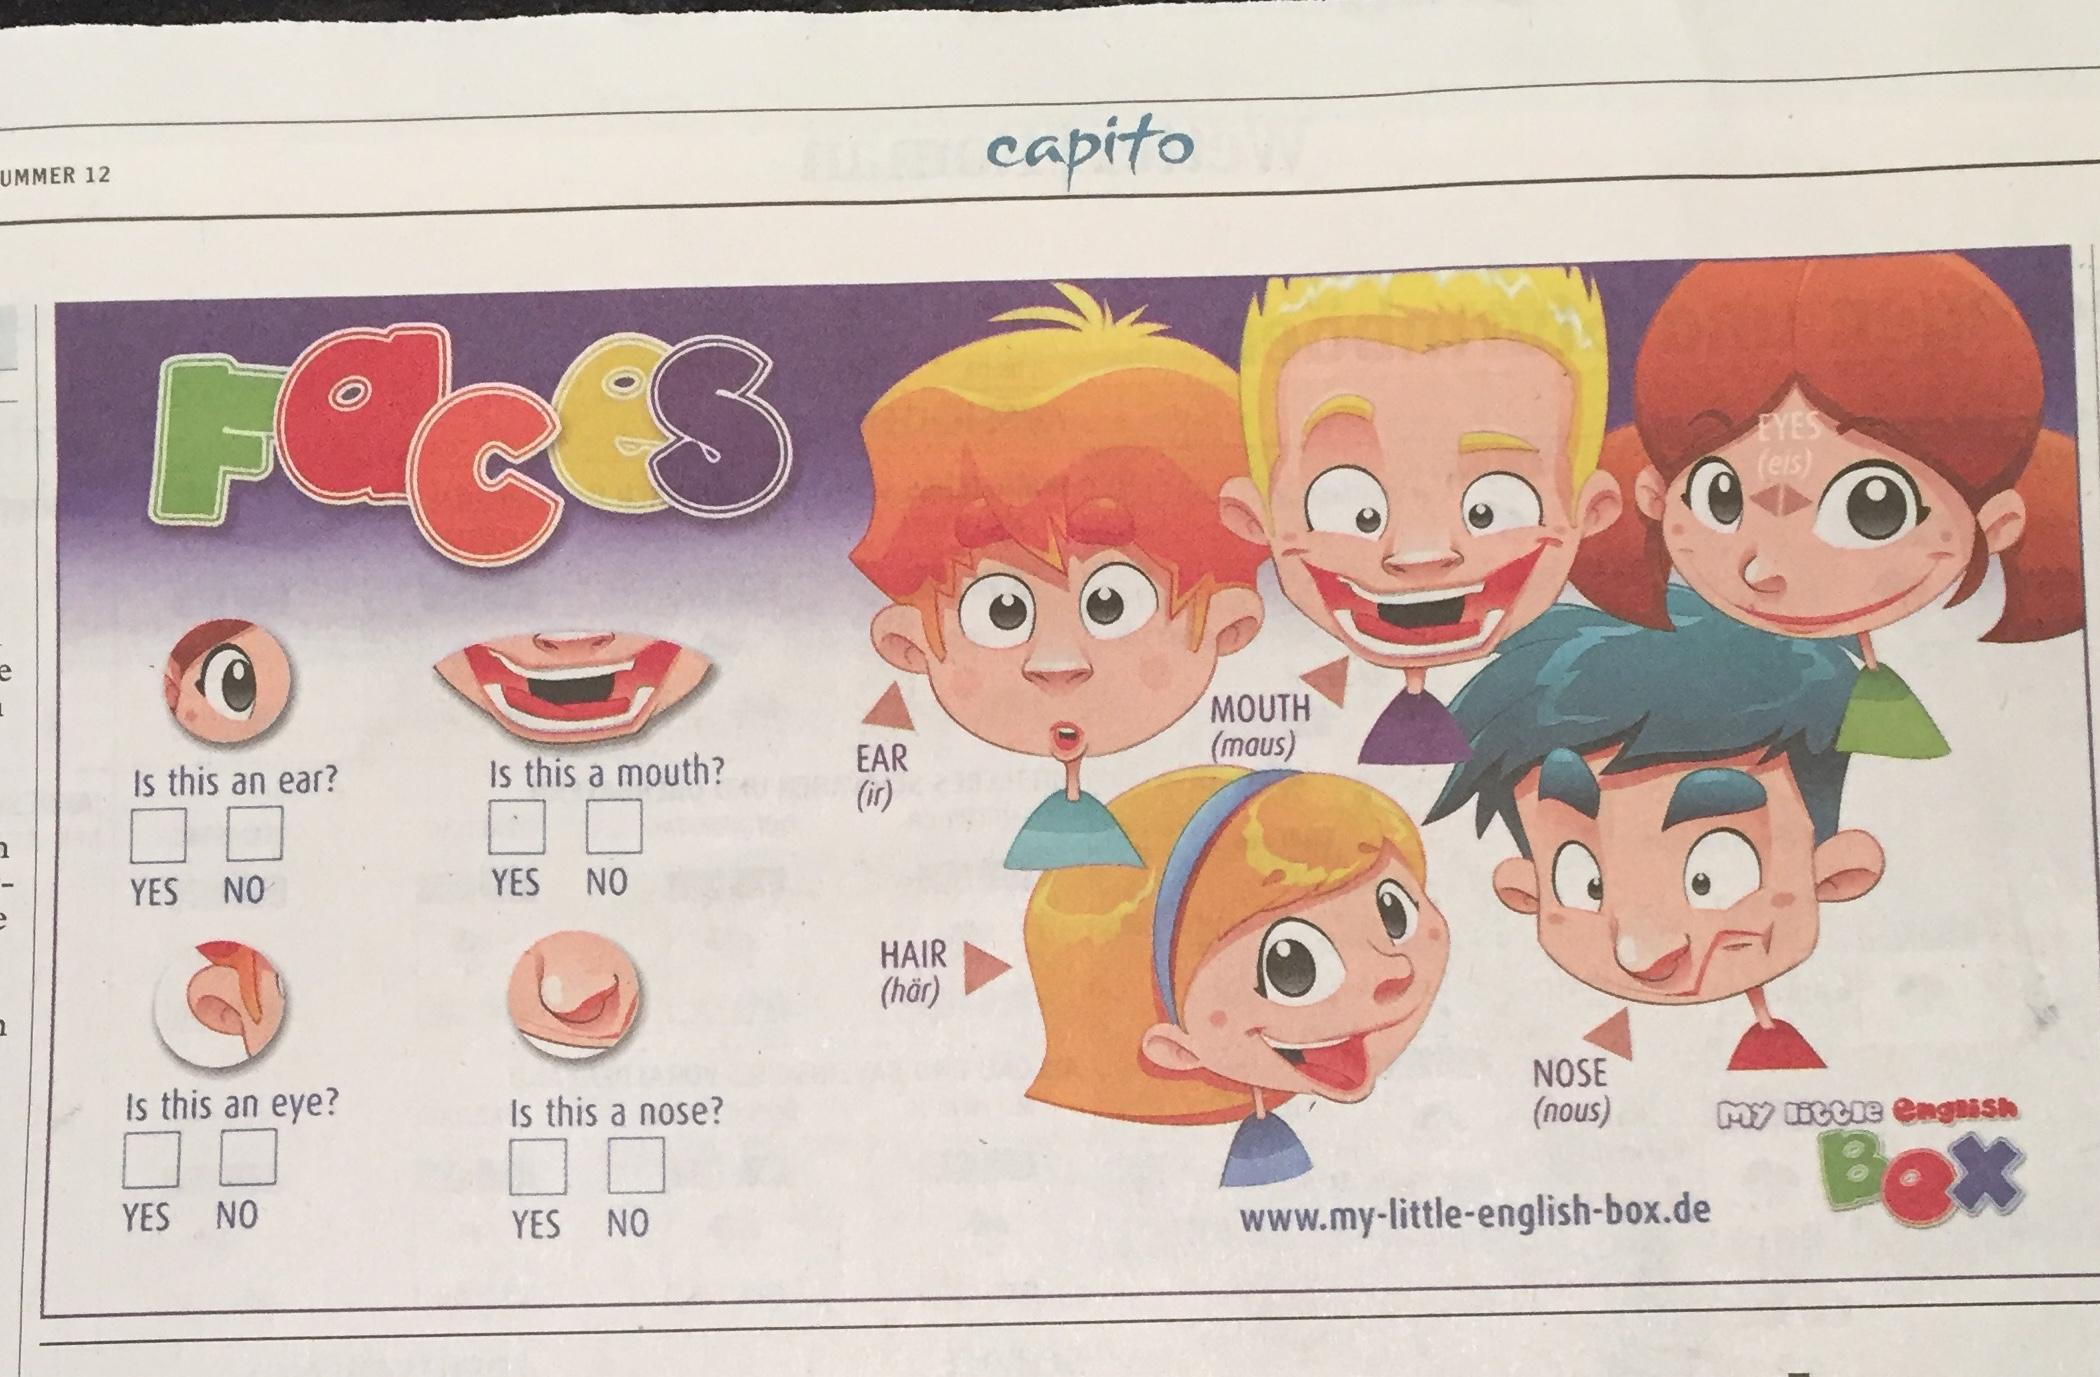 Englisch für Kinder, English for kids, Englisch lernen für Kinder, Fremdsprache, sinnvolle Spiele, Kinderspiele